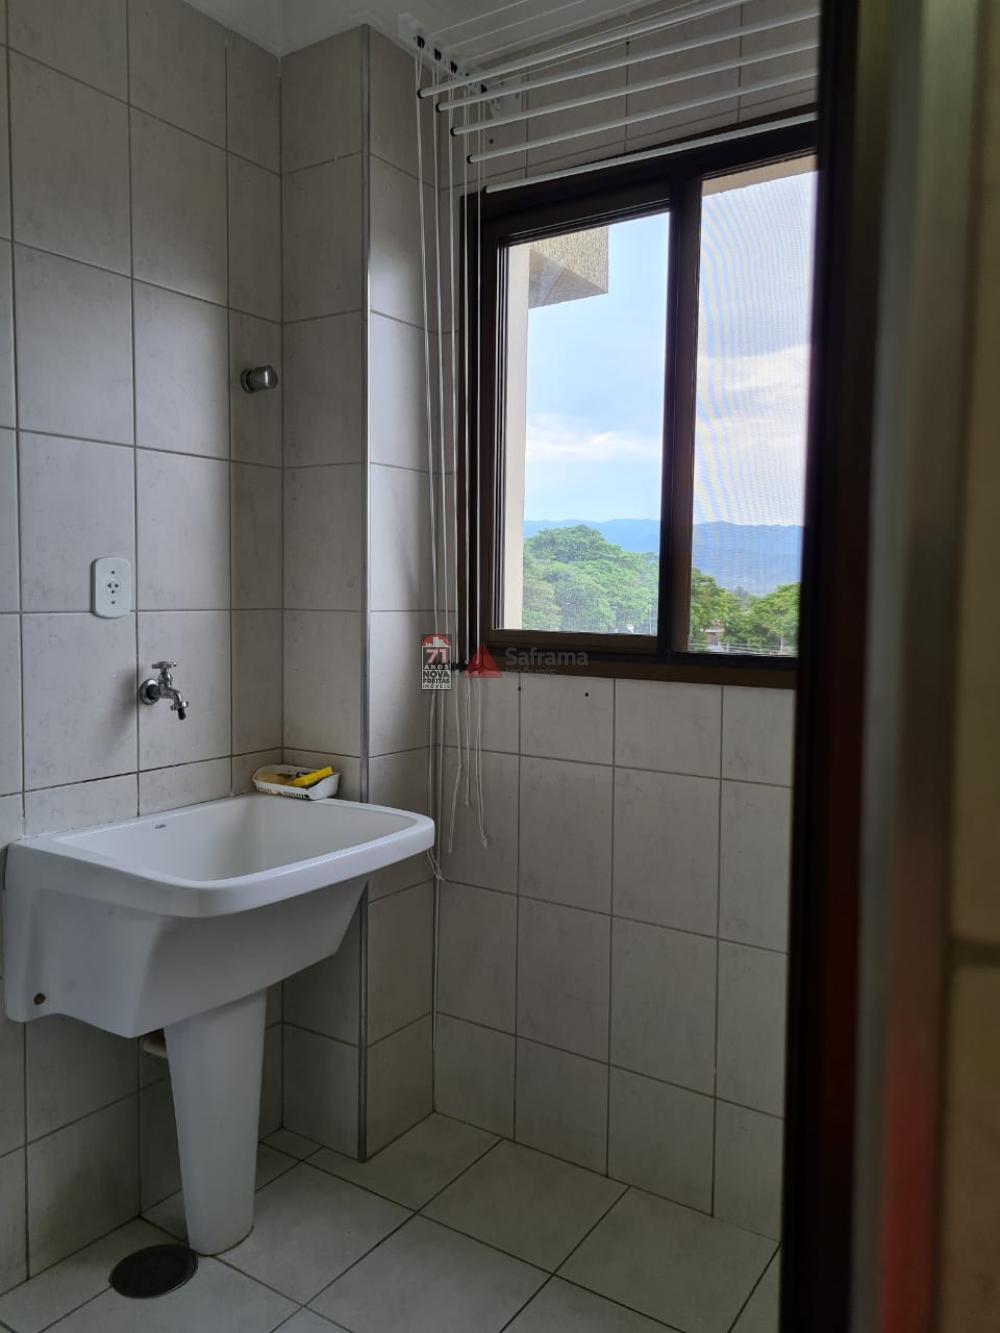 Comprar Apartamento / Padrão em Pindamonhangaba apenas R$ 430.000,00 - Foto 30